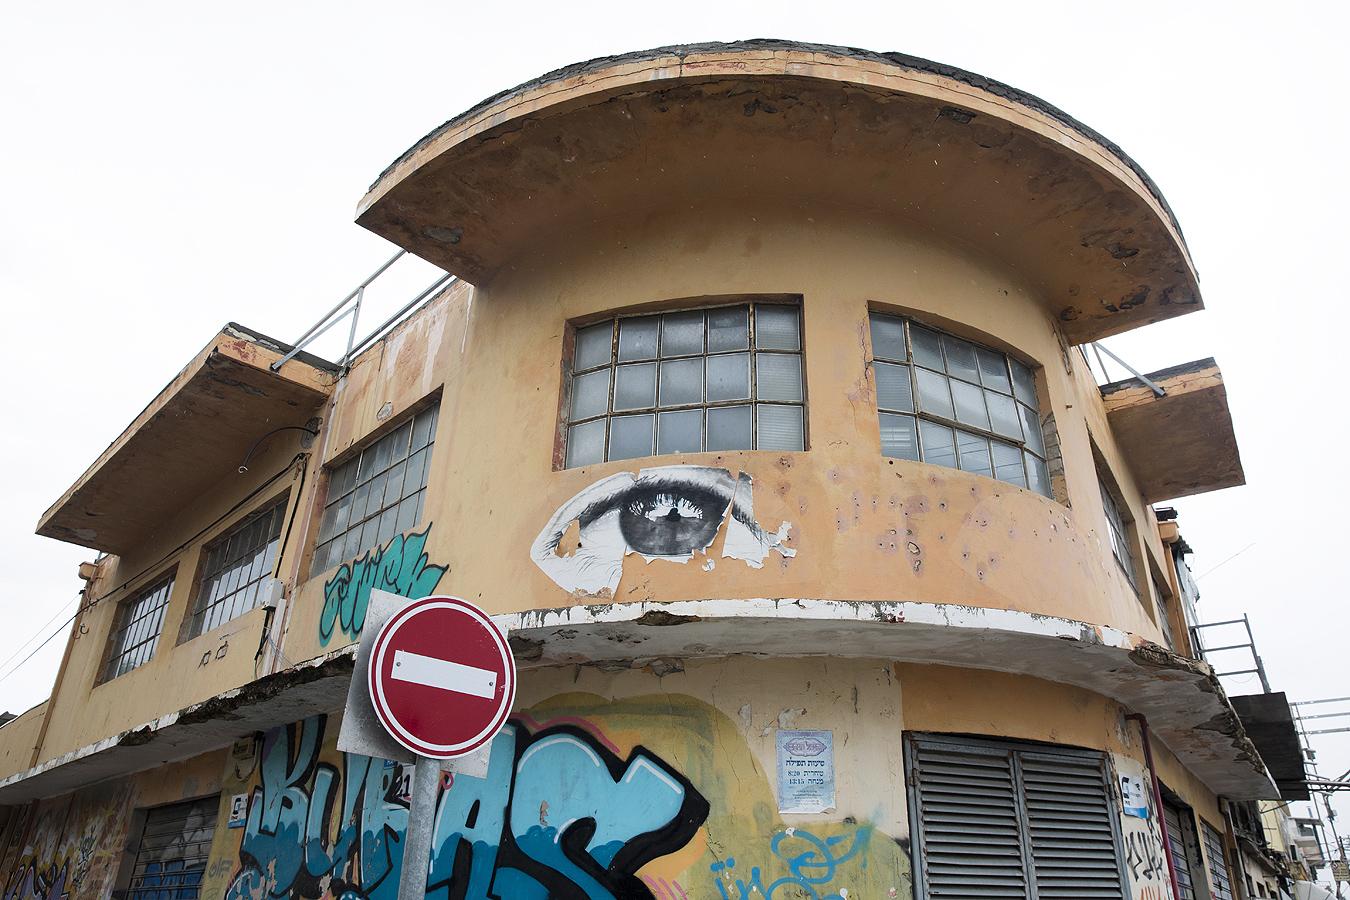 След като голяма част от сградите са били оставени да се влошат, общинското правителство на Тел Авив приема през 2009 г. закон за обновяване на около 1000 къщи.